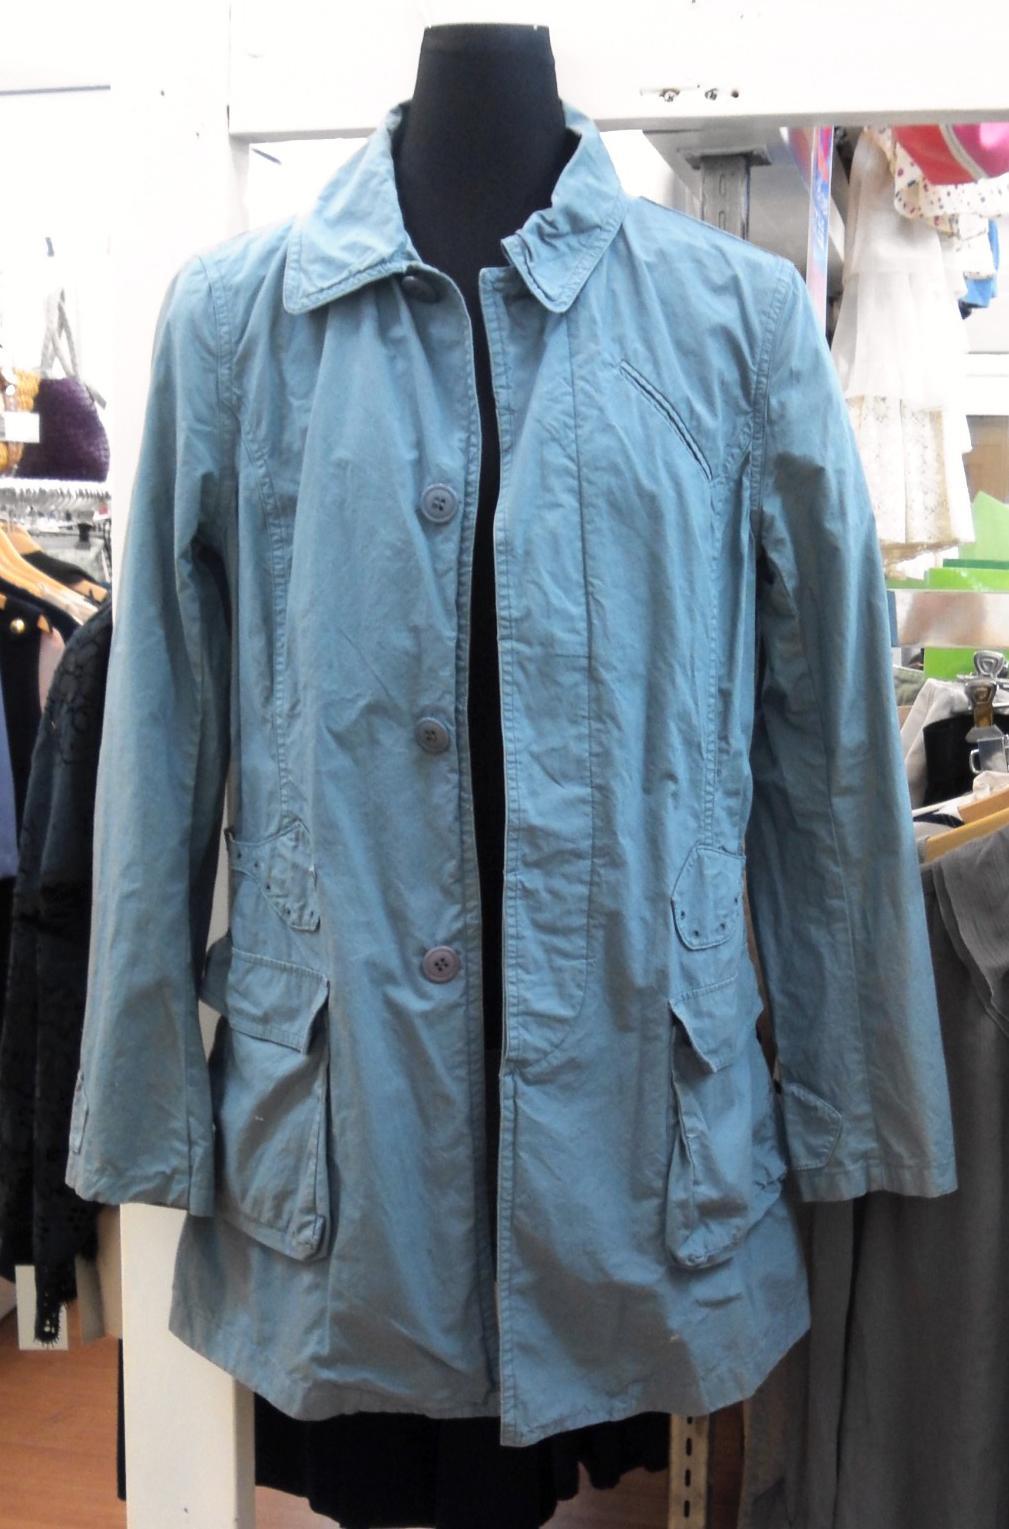 【レディース衣料買取】ANNA SUI・sunaokuwaharaの未使用品の服をご紹介! 総合リサイクルショップのエコパーク清洲店